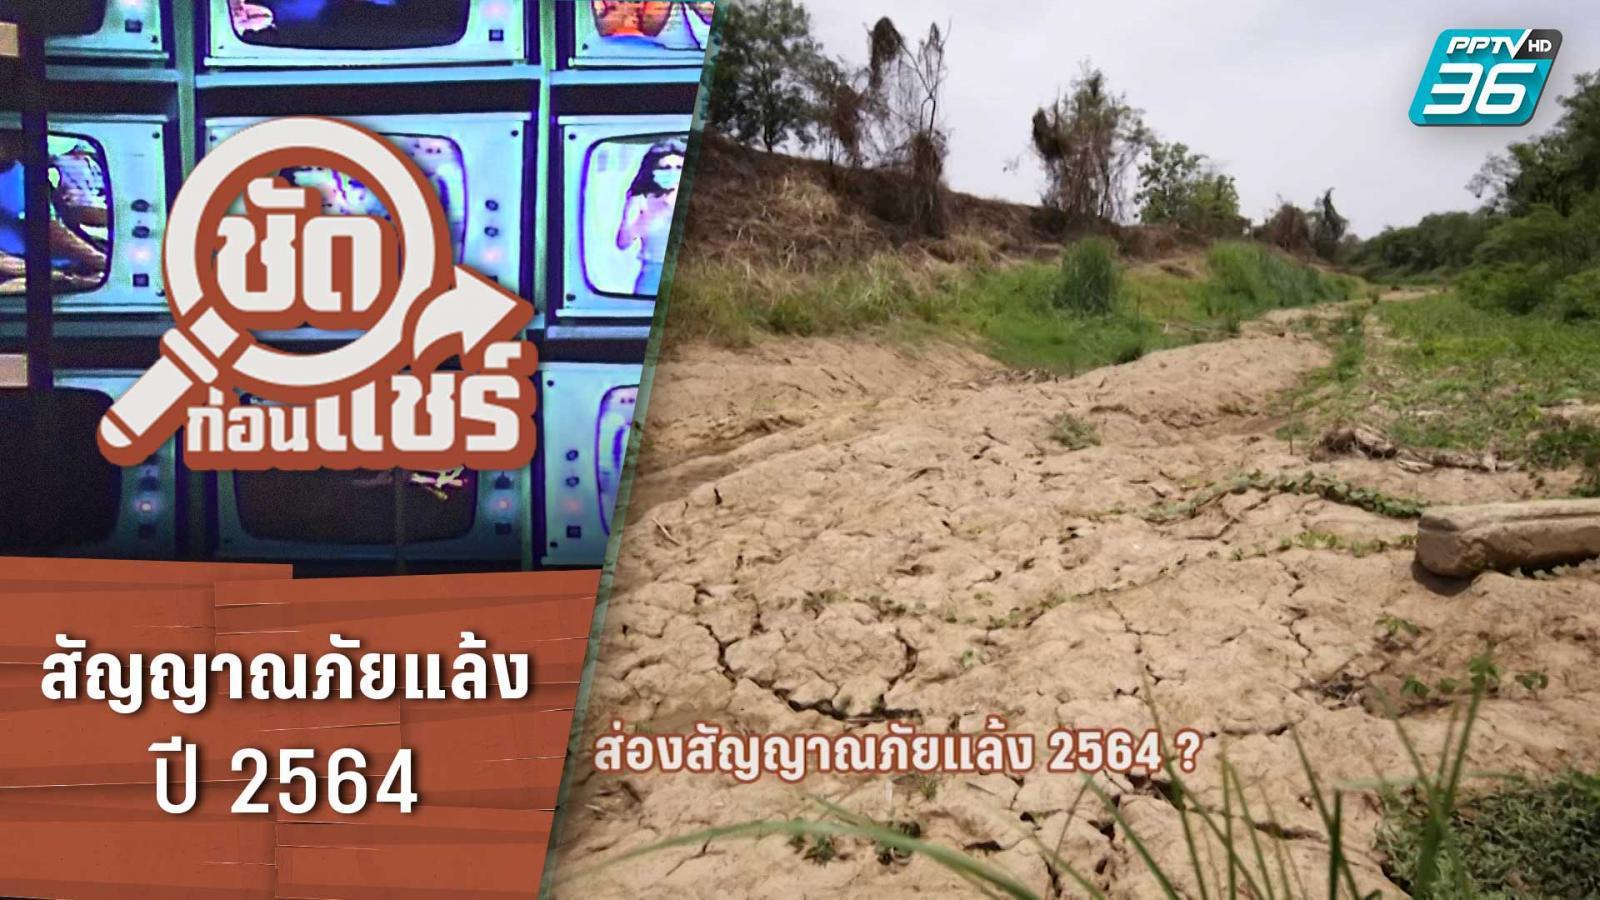 ชัดก่อนแชร์ | ภัยแล้งปี 2564 จะหนักกว่าปี 2563 จริงหรือ? | PPTV HD 36